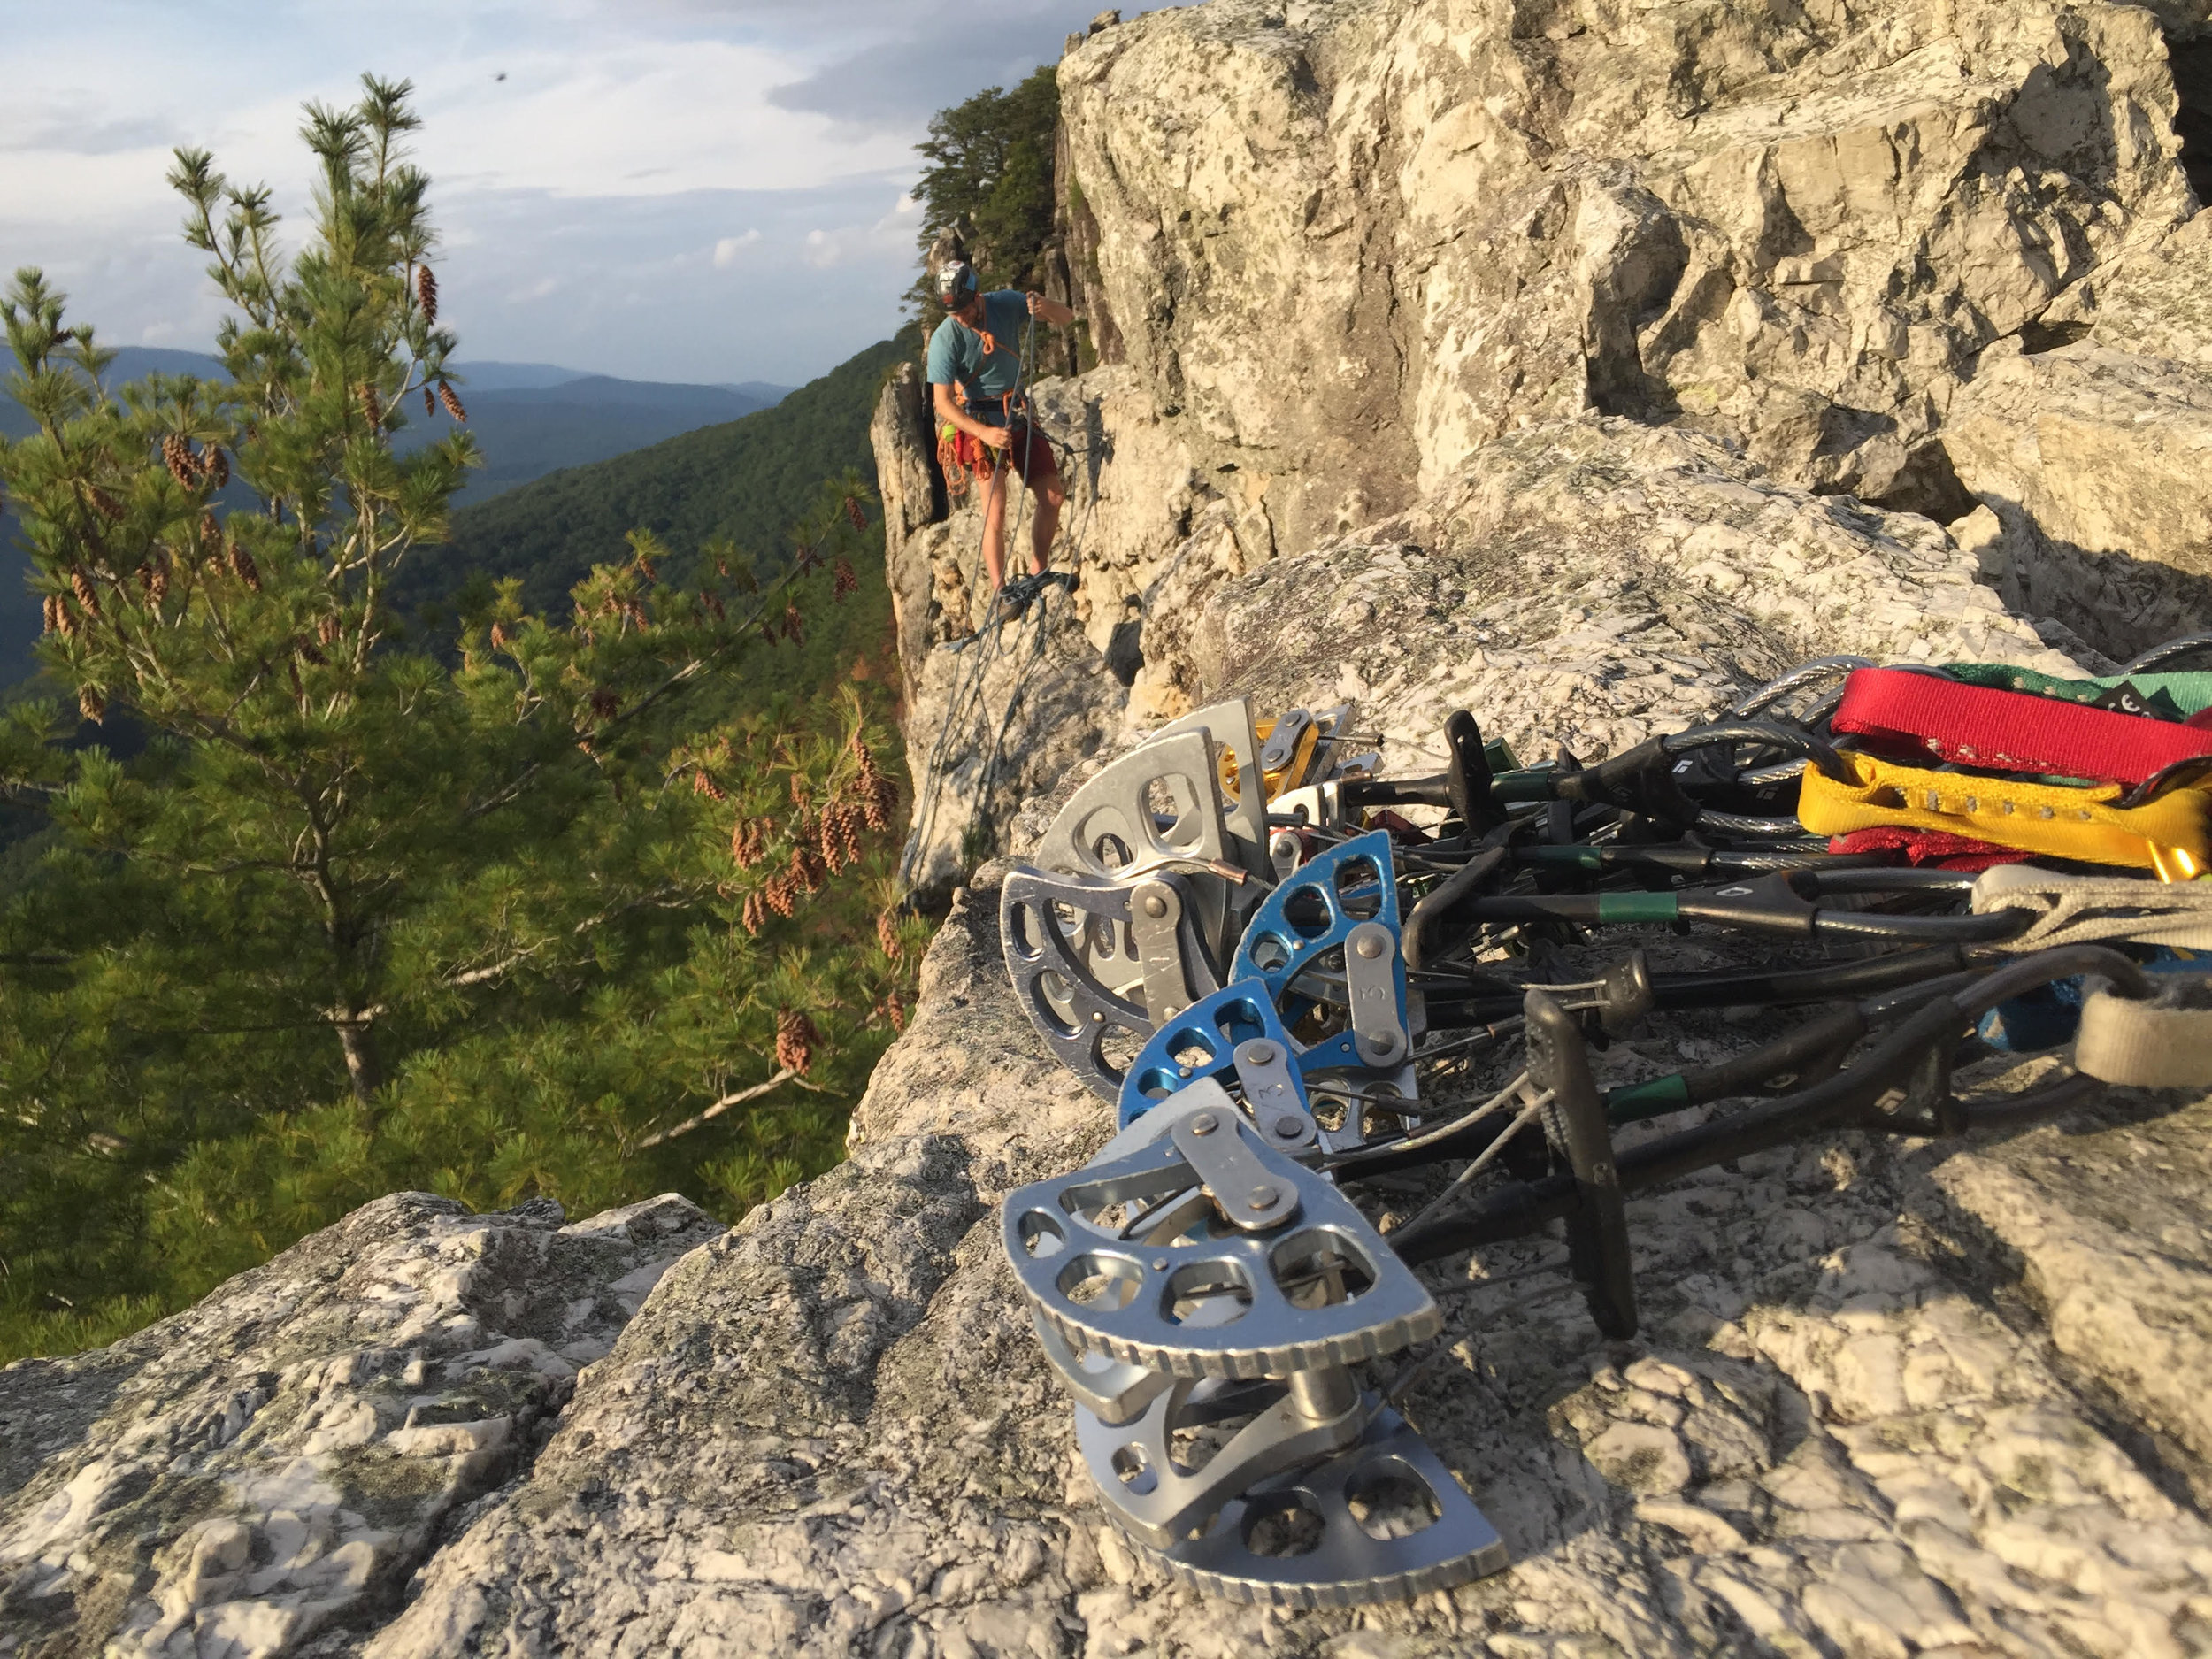 Rigging a rappel at Seneca Rocks, WV